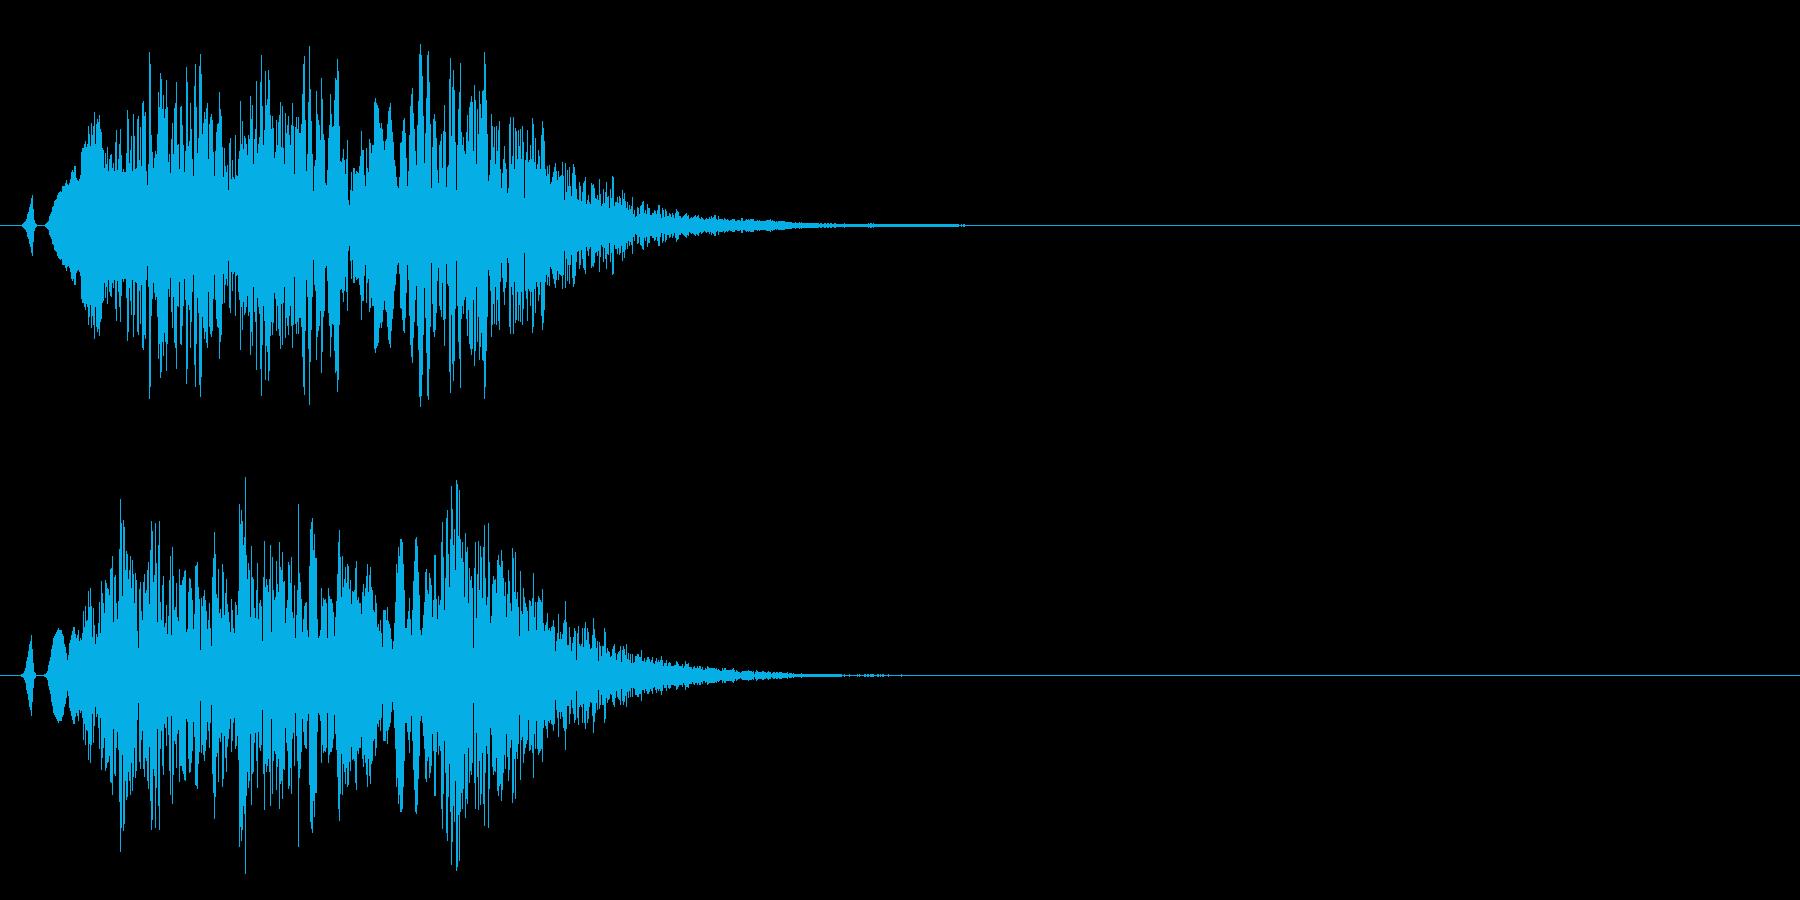 ヒィ〜ウィ!リアルな指笛ゆびぶえ効果音3の再生済みの波形